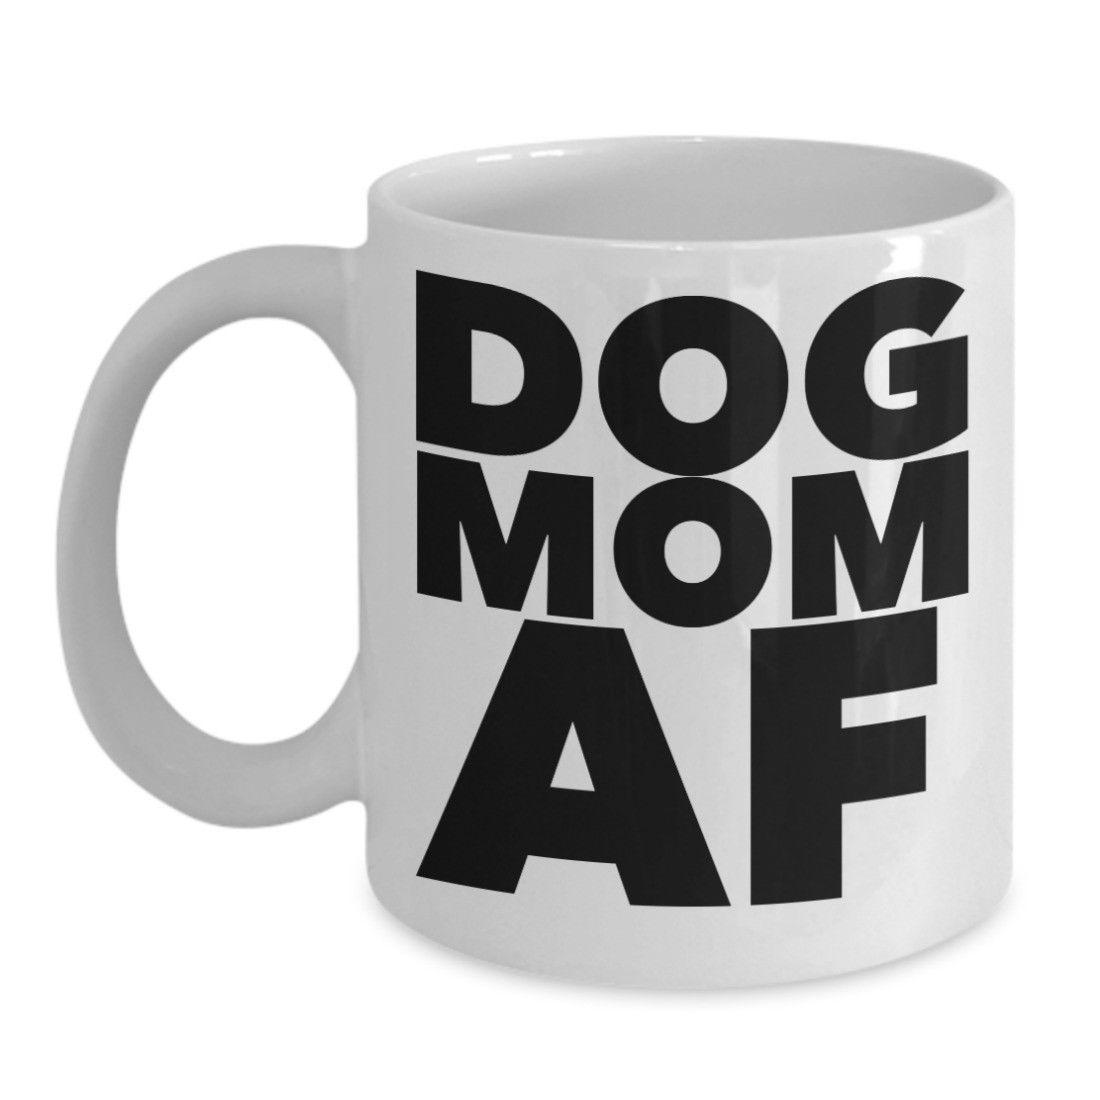 Dog Mom AF Mug Dog Mom AF Coffee Mug Rescue Mom Ceramic Mug Gift White 11oz 15oz